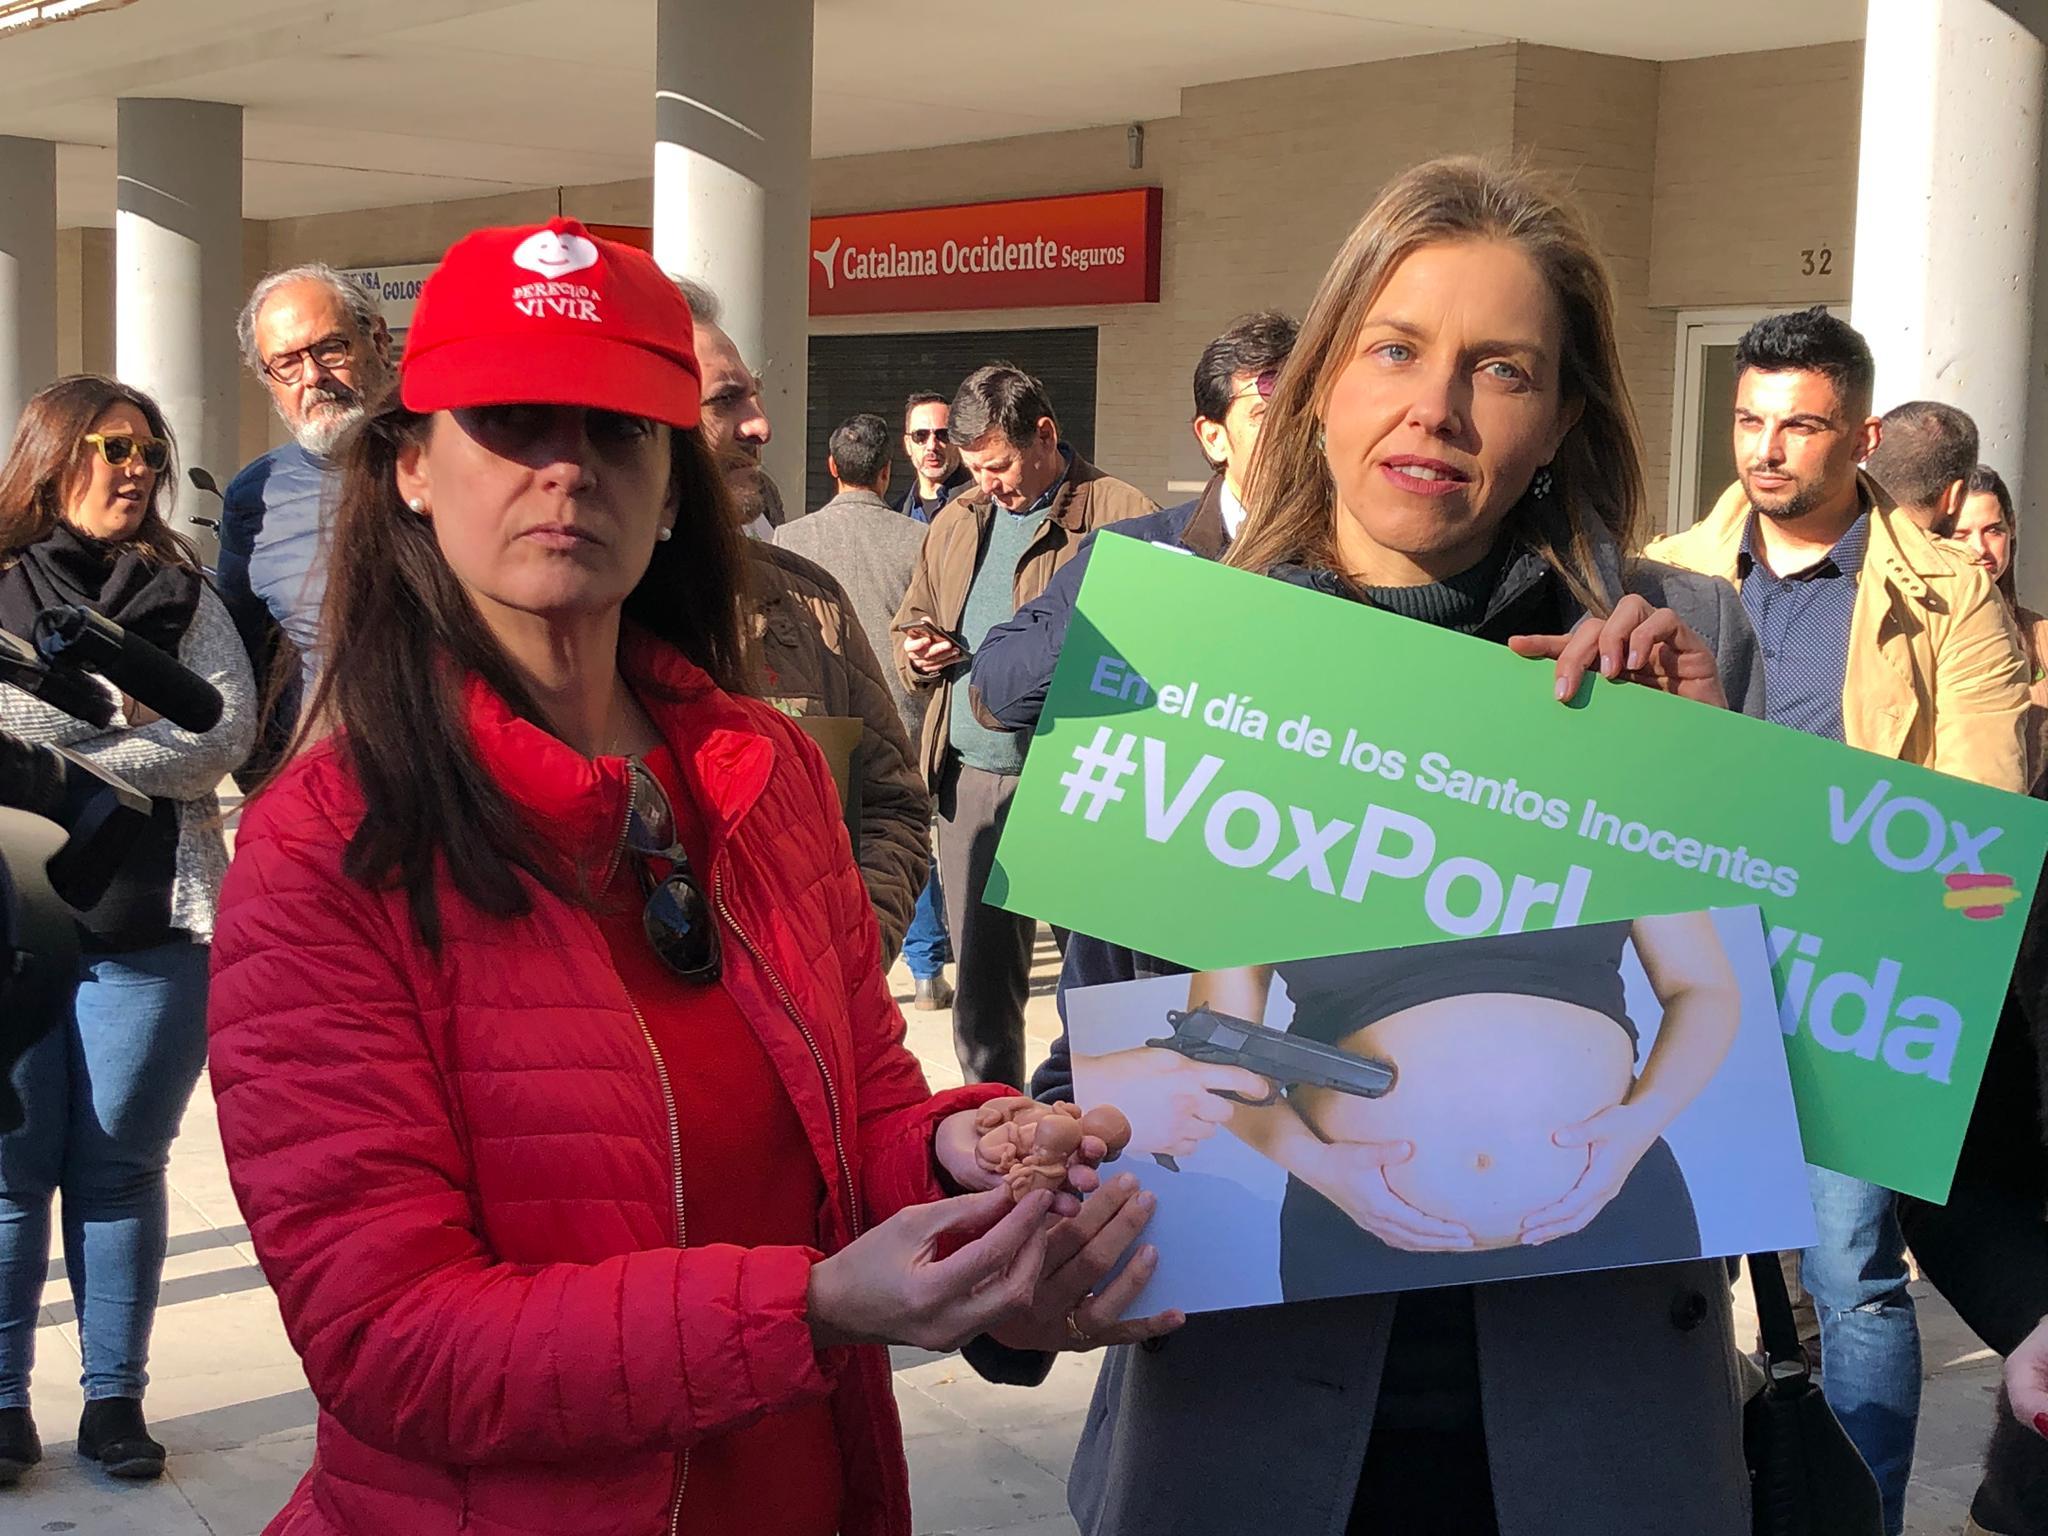 Derecho a Vivir se suma a Vox Sevilla para recordar a los inocentes abortados